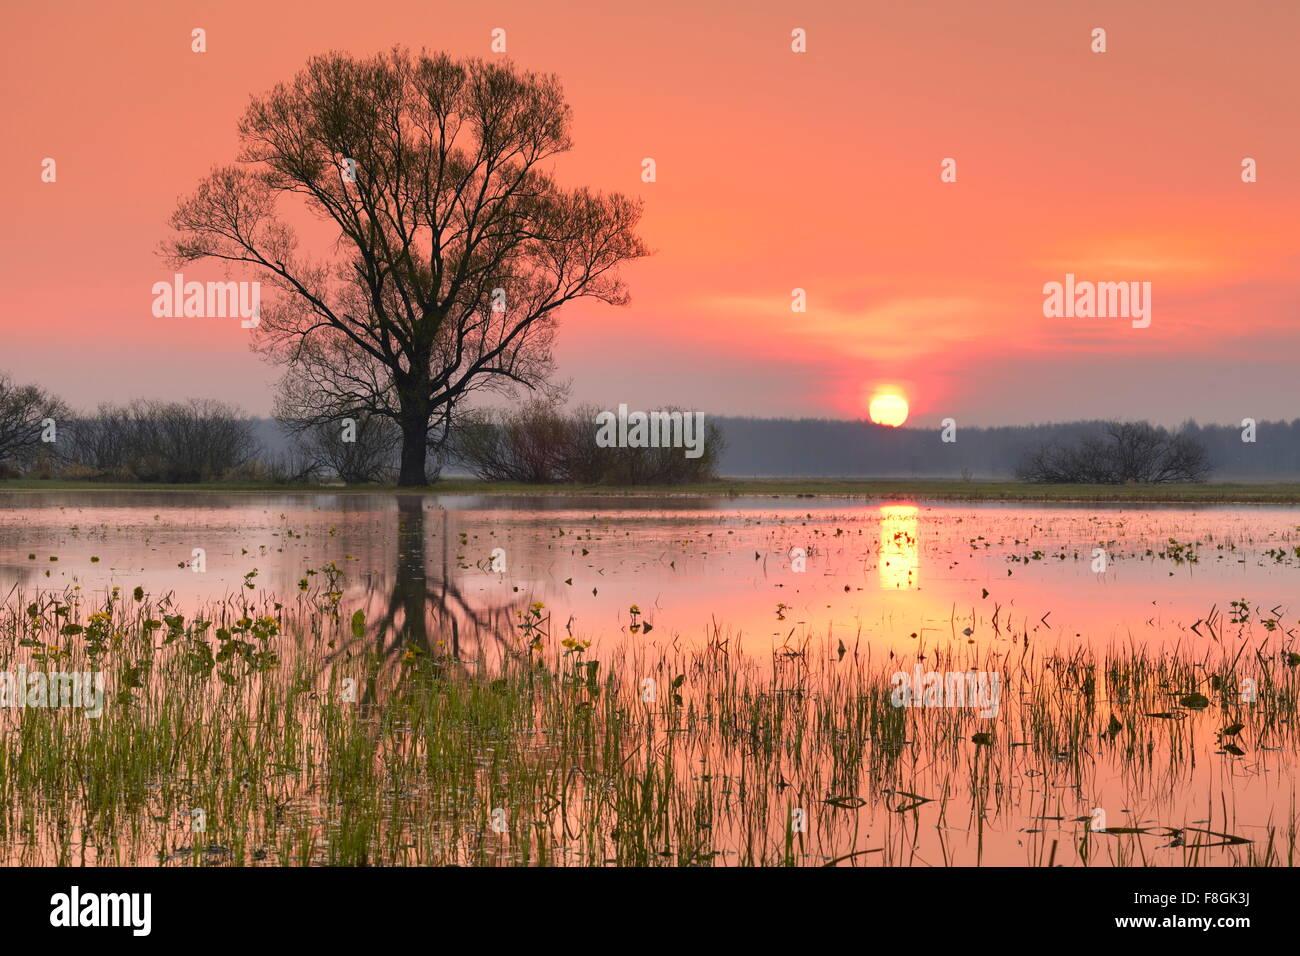 Amanecer el paisaje, el Parque Nacional de Biebrza, Polonia Imagen De Stock